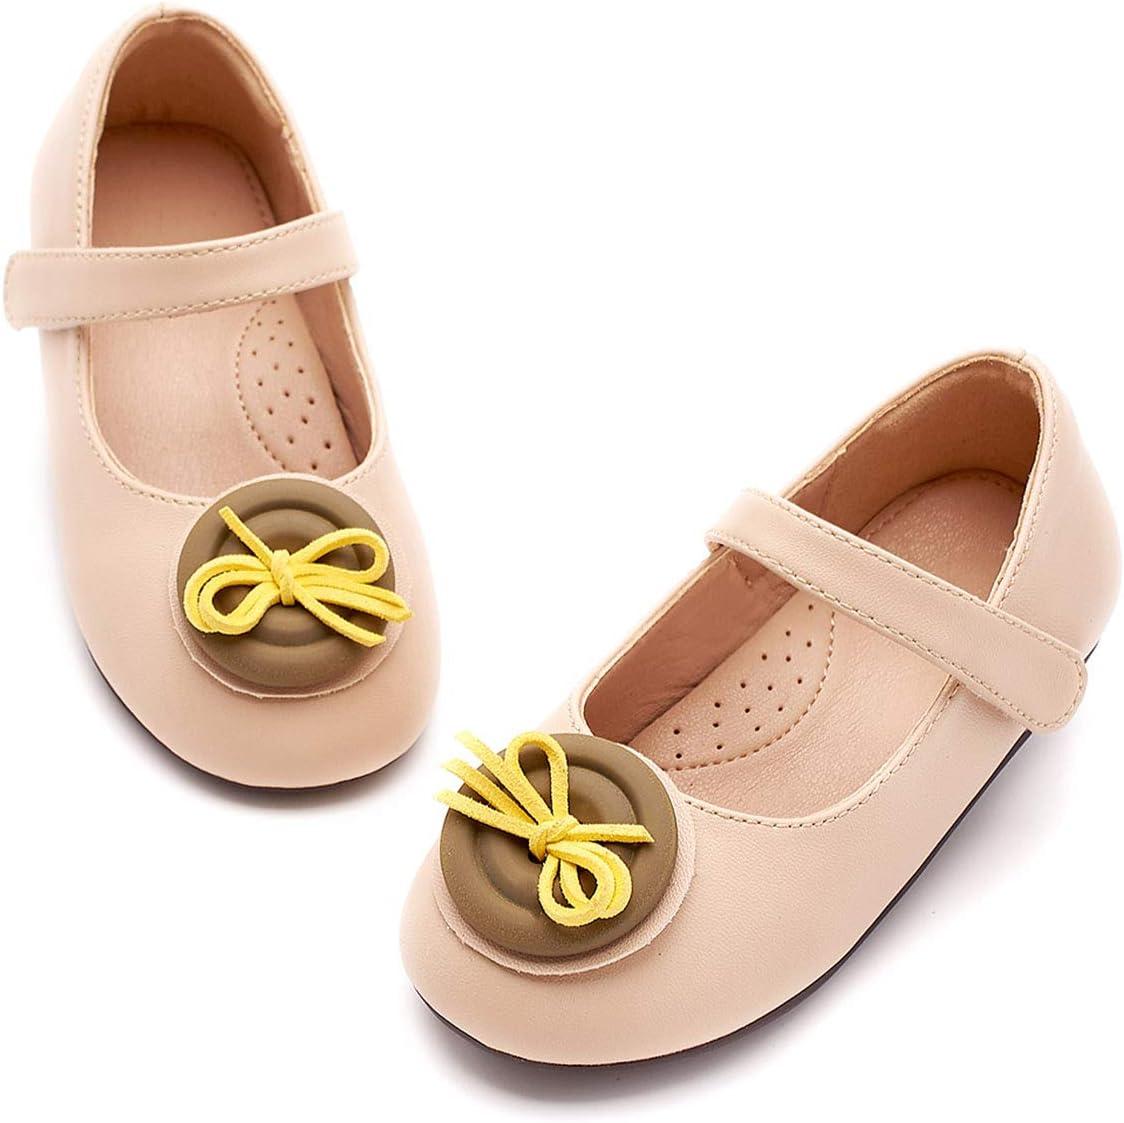 AIBAB Children's Shoes Ballet Flats Single Shoes Girl Matt Color Leather Shoes Princess Shoes